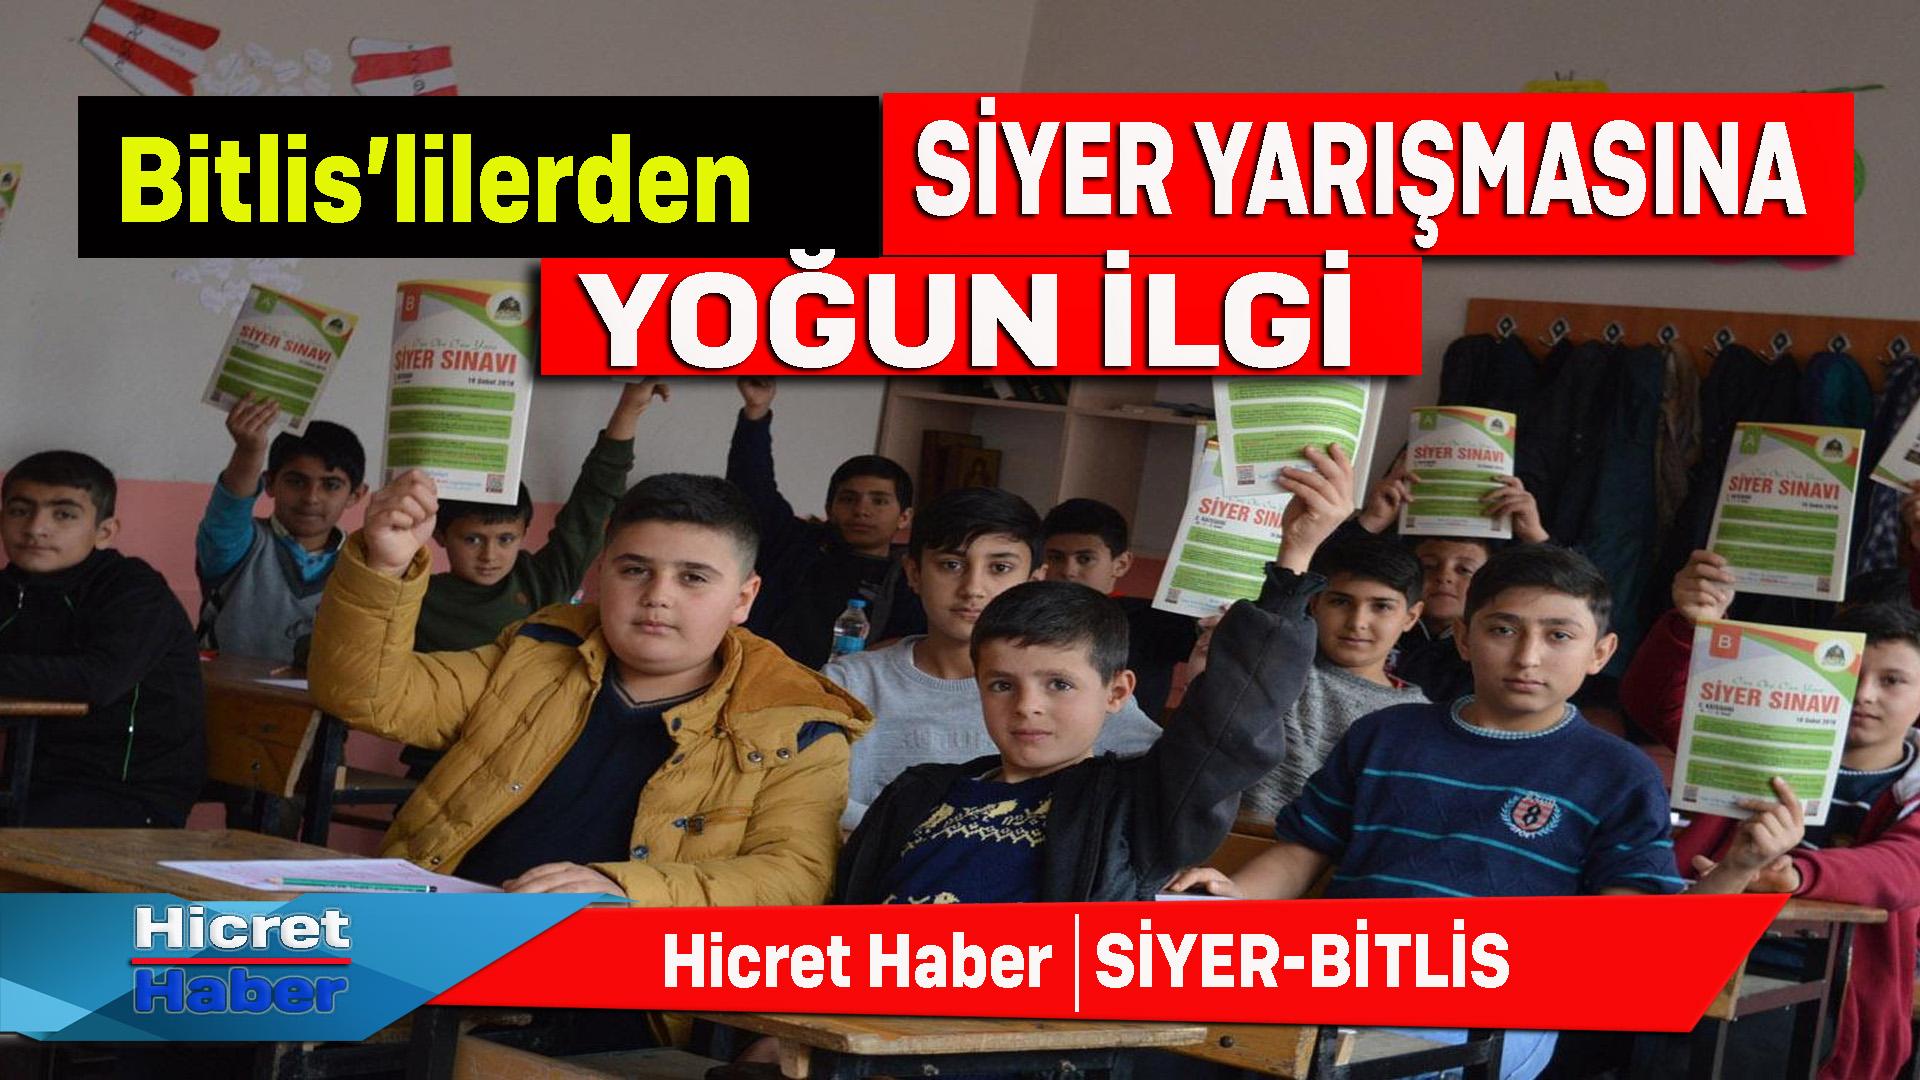 Bitlis'liler Siyer Yarışmasına Yoğun İlgi Gösterdiler